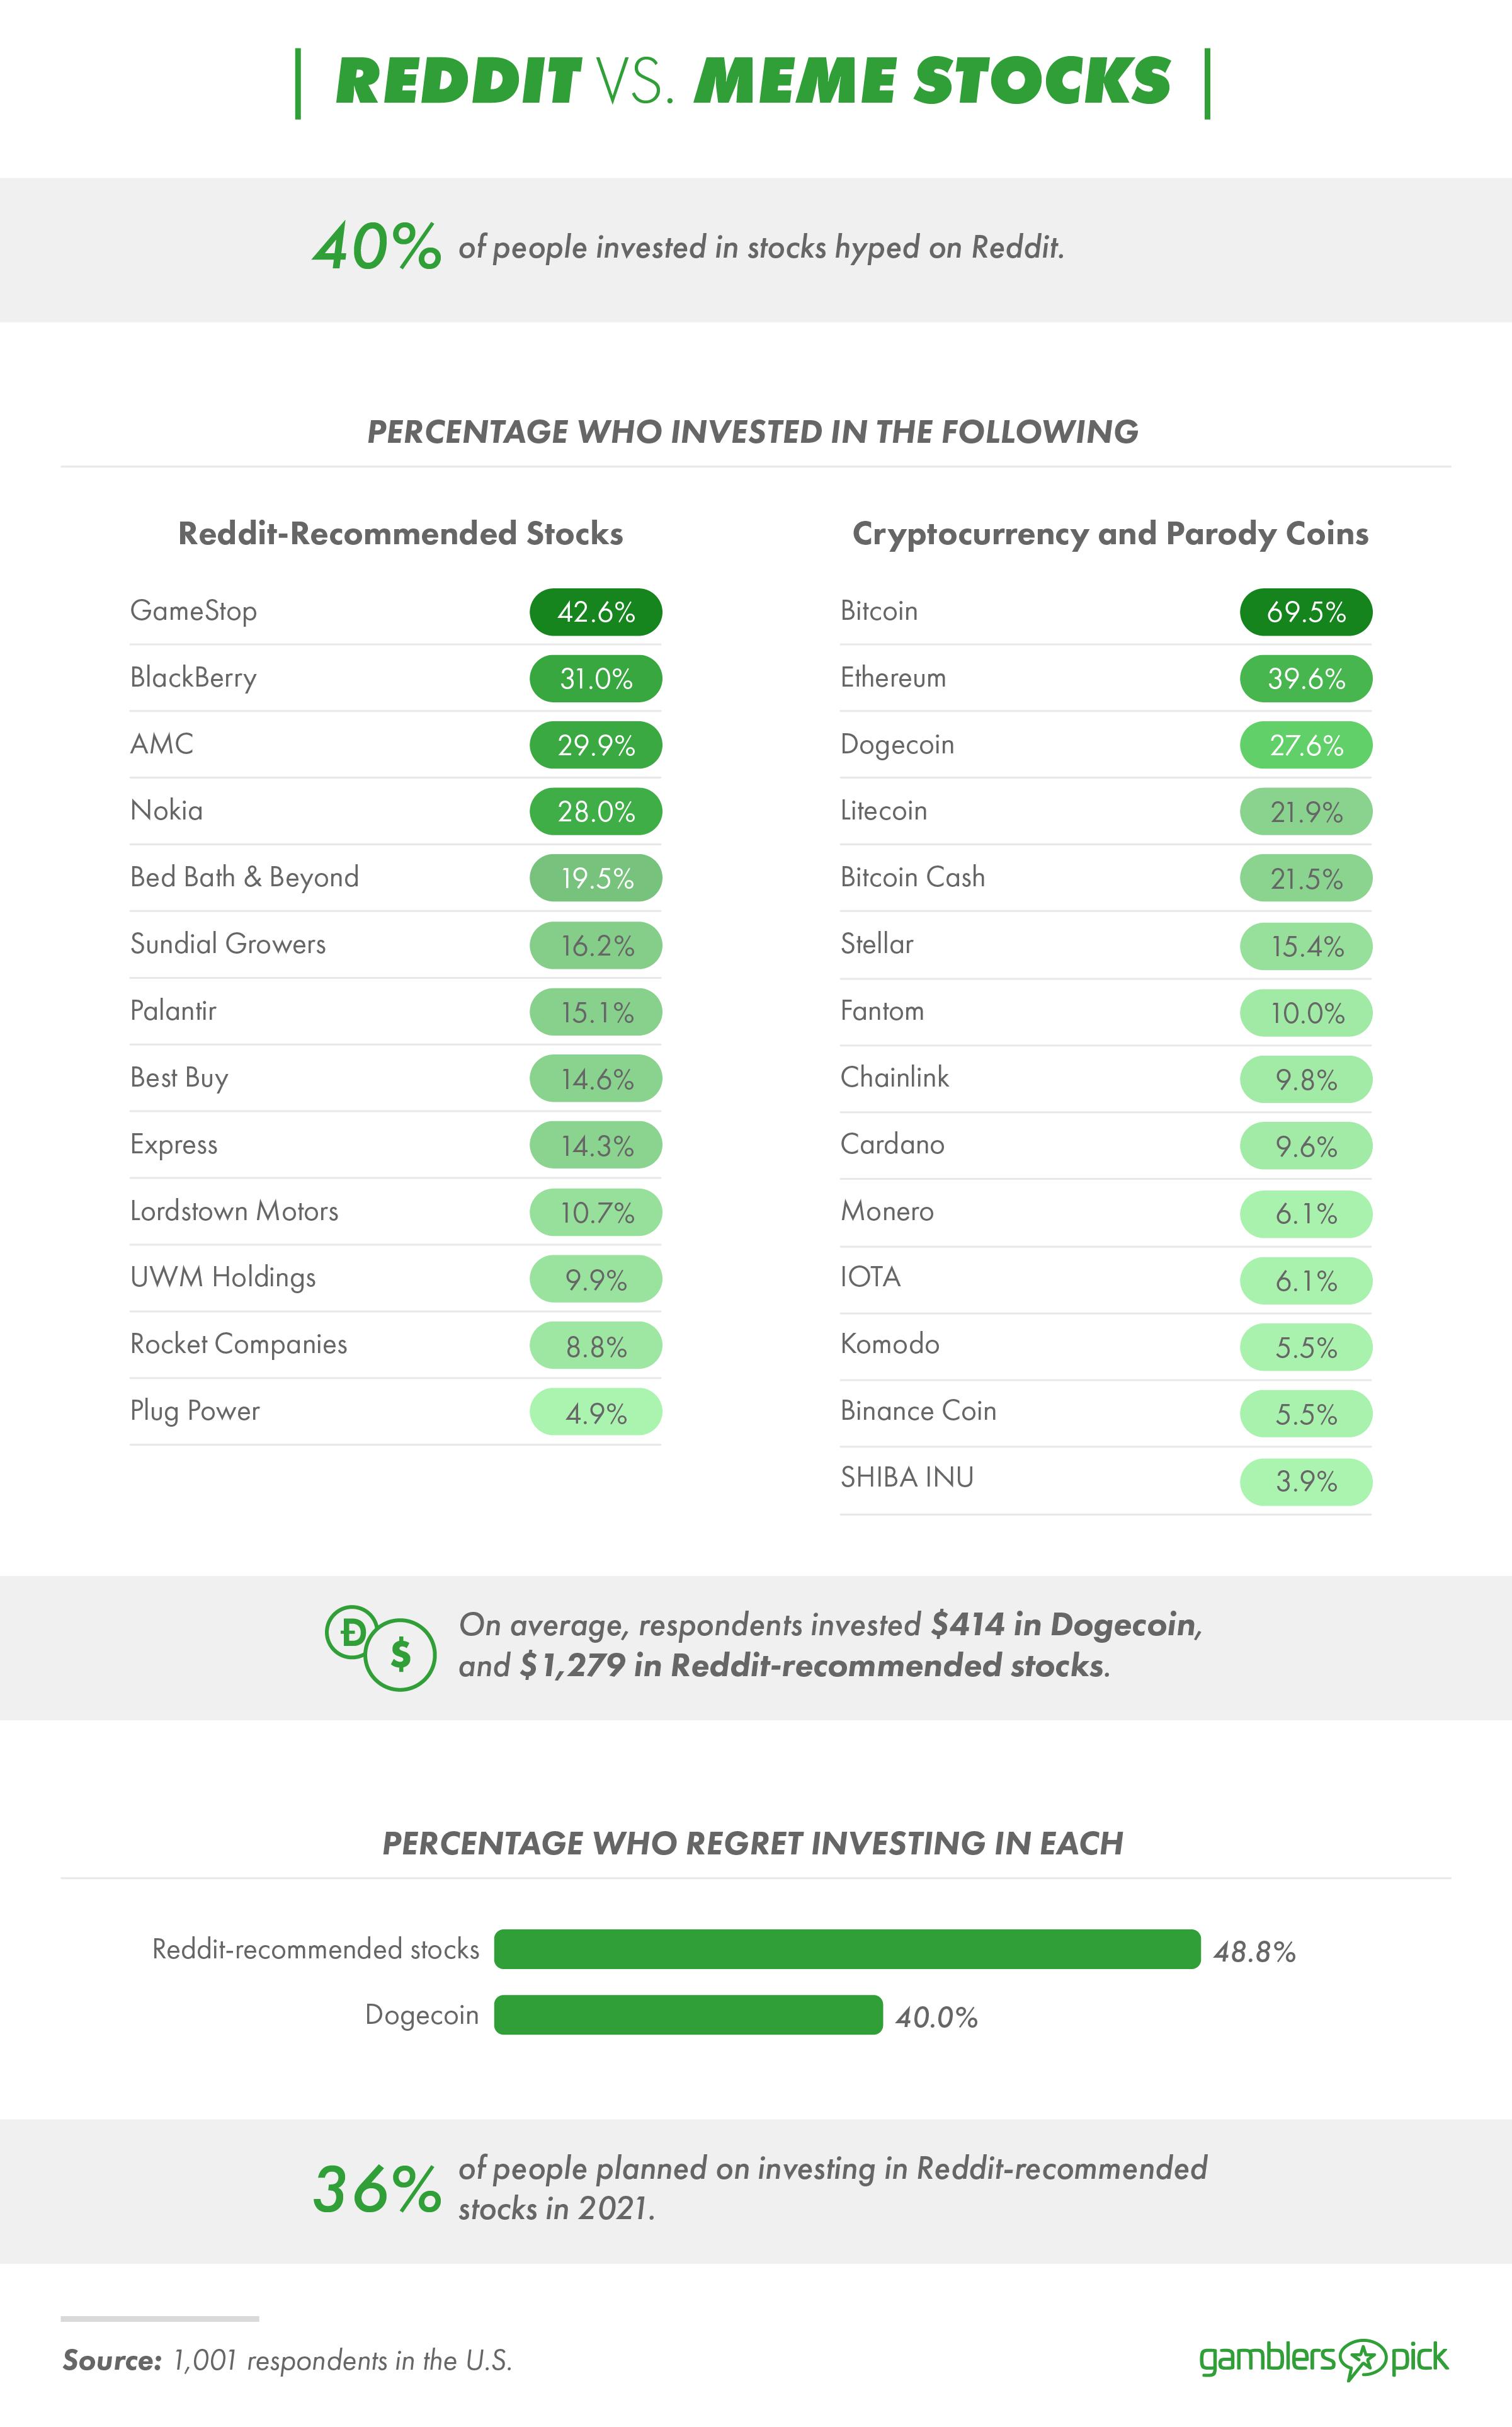 Reddit vs Meme Stocks: 40% invest in Reddit-hyped stocks.